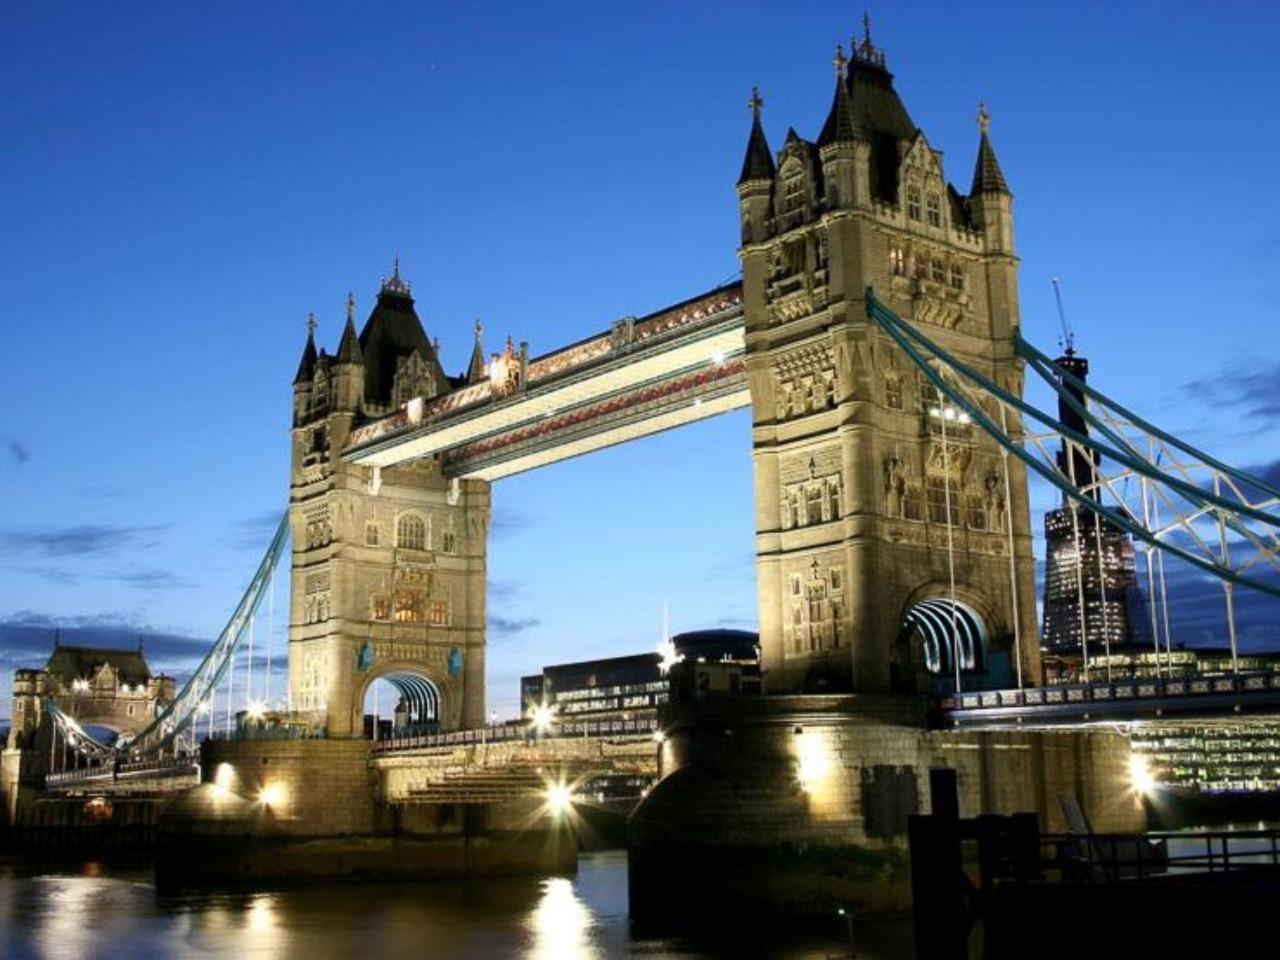 London Bridge приглашает - индивидуальная экскурсия по Лондону от опытного гида